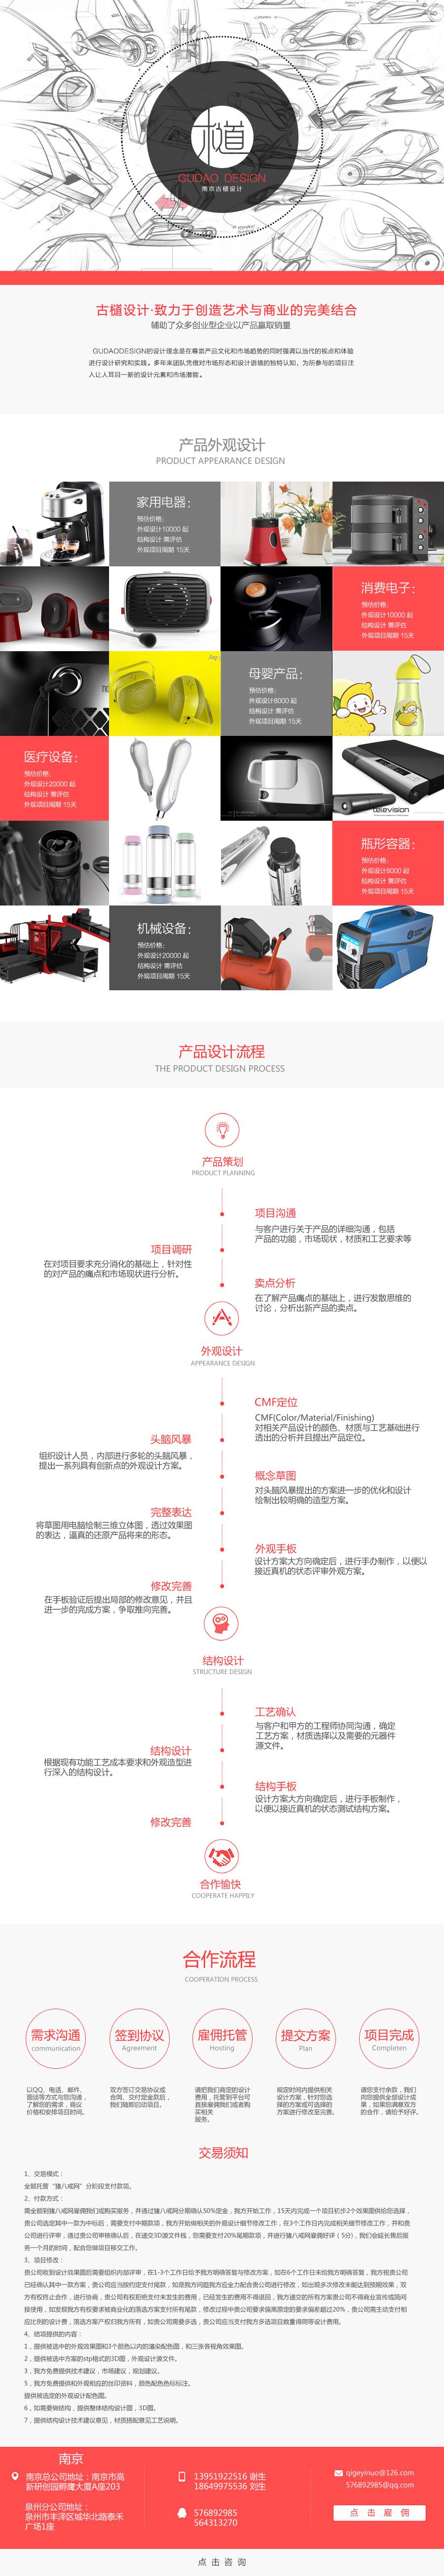 产品设计_产品介绍设计/产品详情设计/产品标志/产品广告/产品摄影1